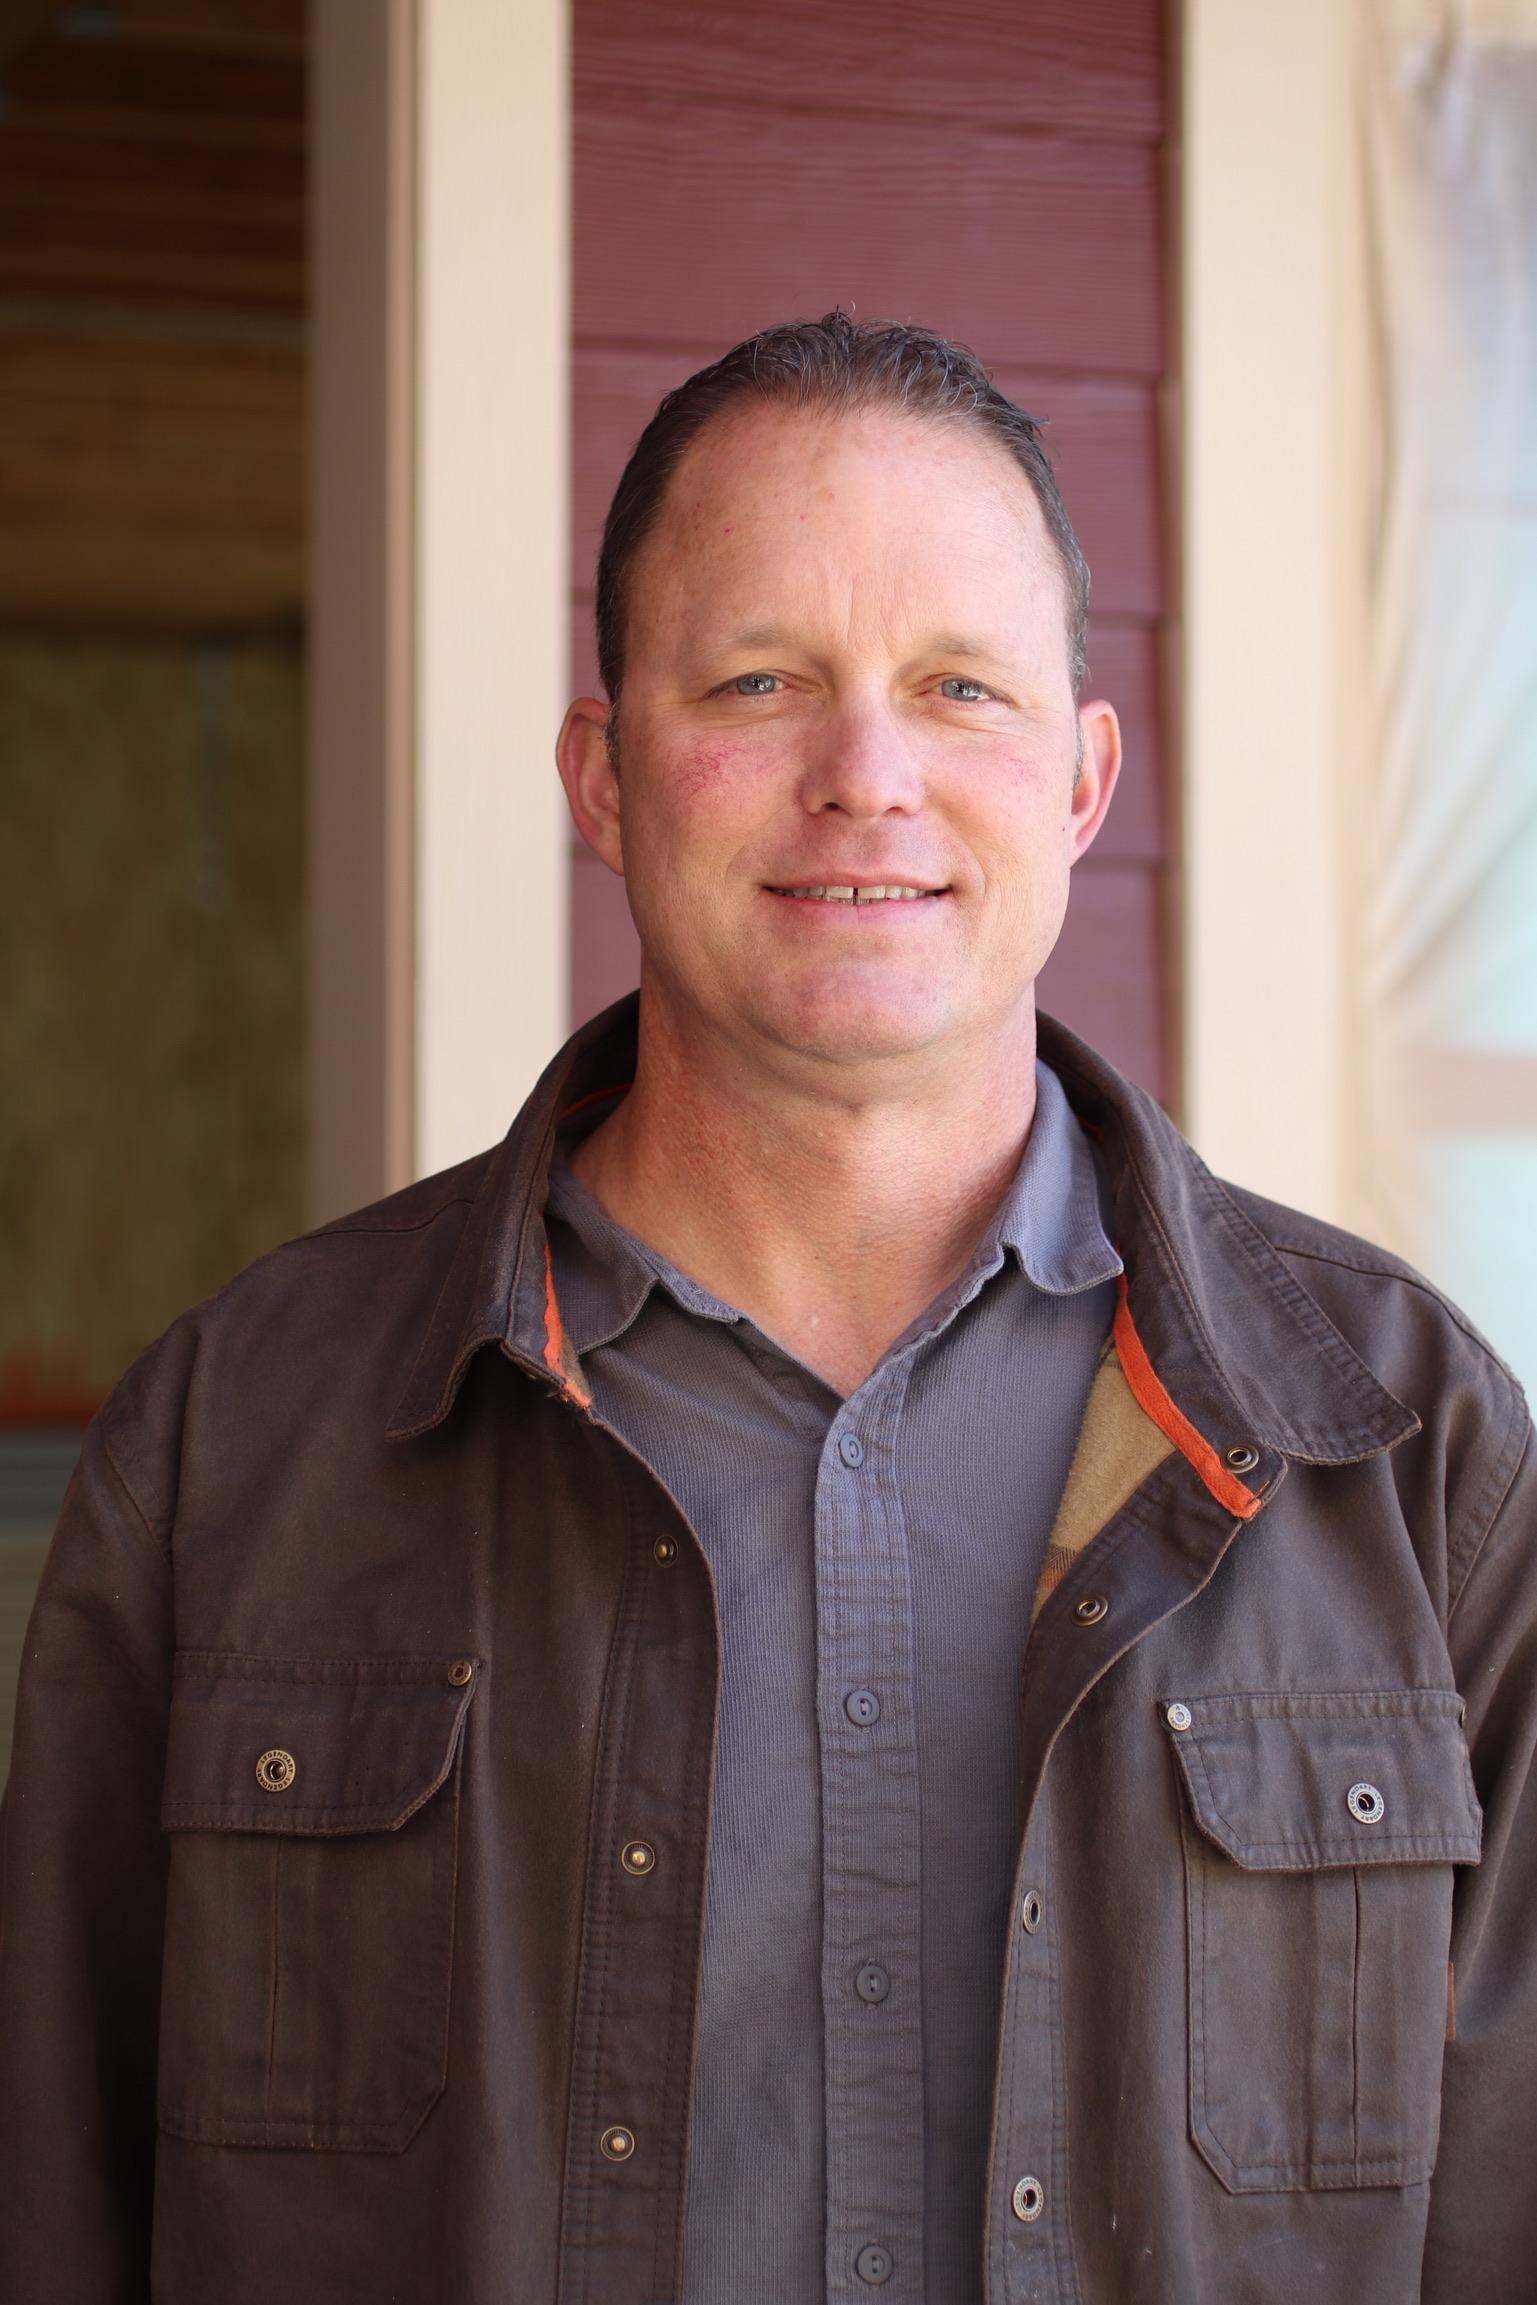 Mark Marshall